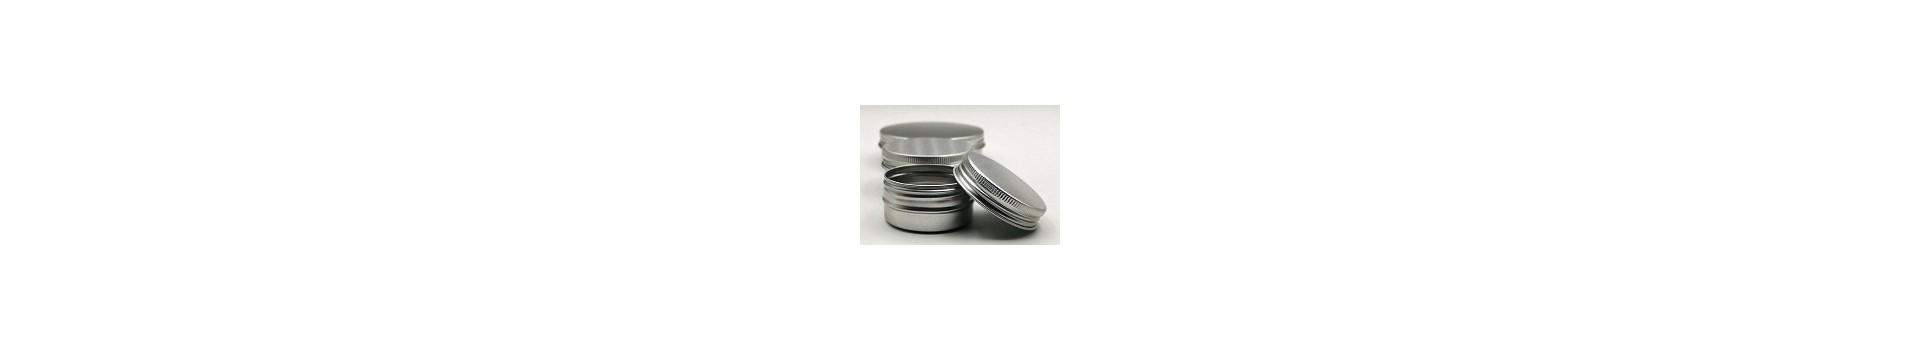 Συσκευασίες Αλουμινίου Καλλυντικών